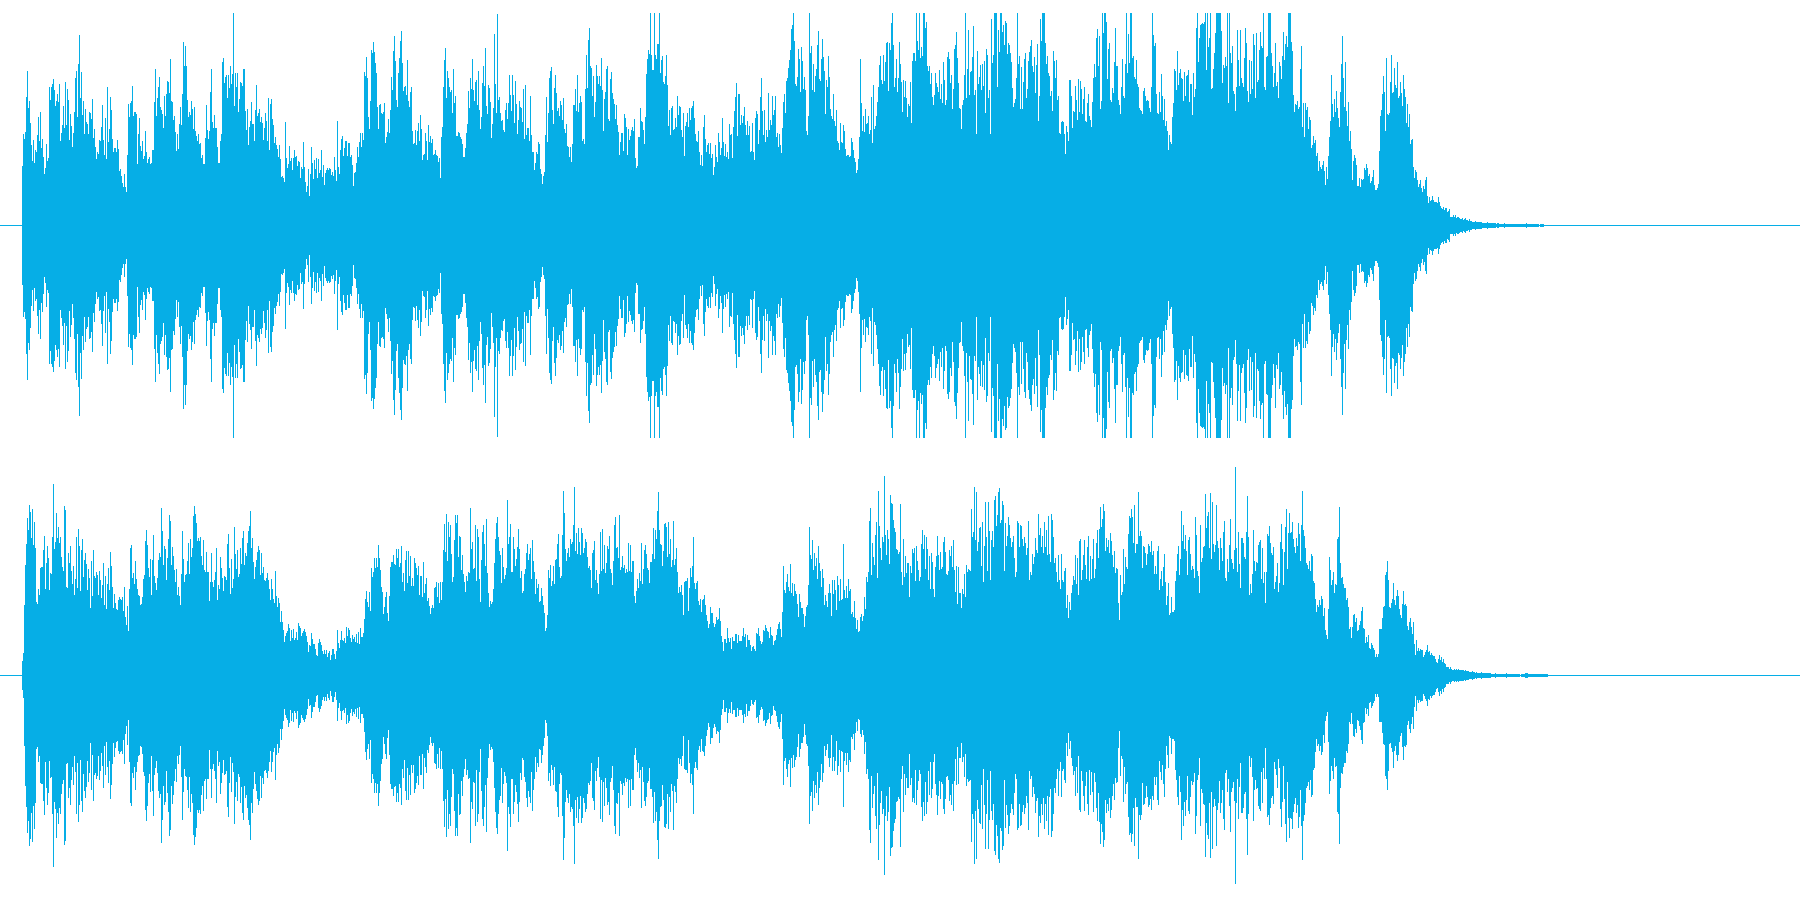 コミカルでポップなトランペットジングルの再生済みの波形